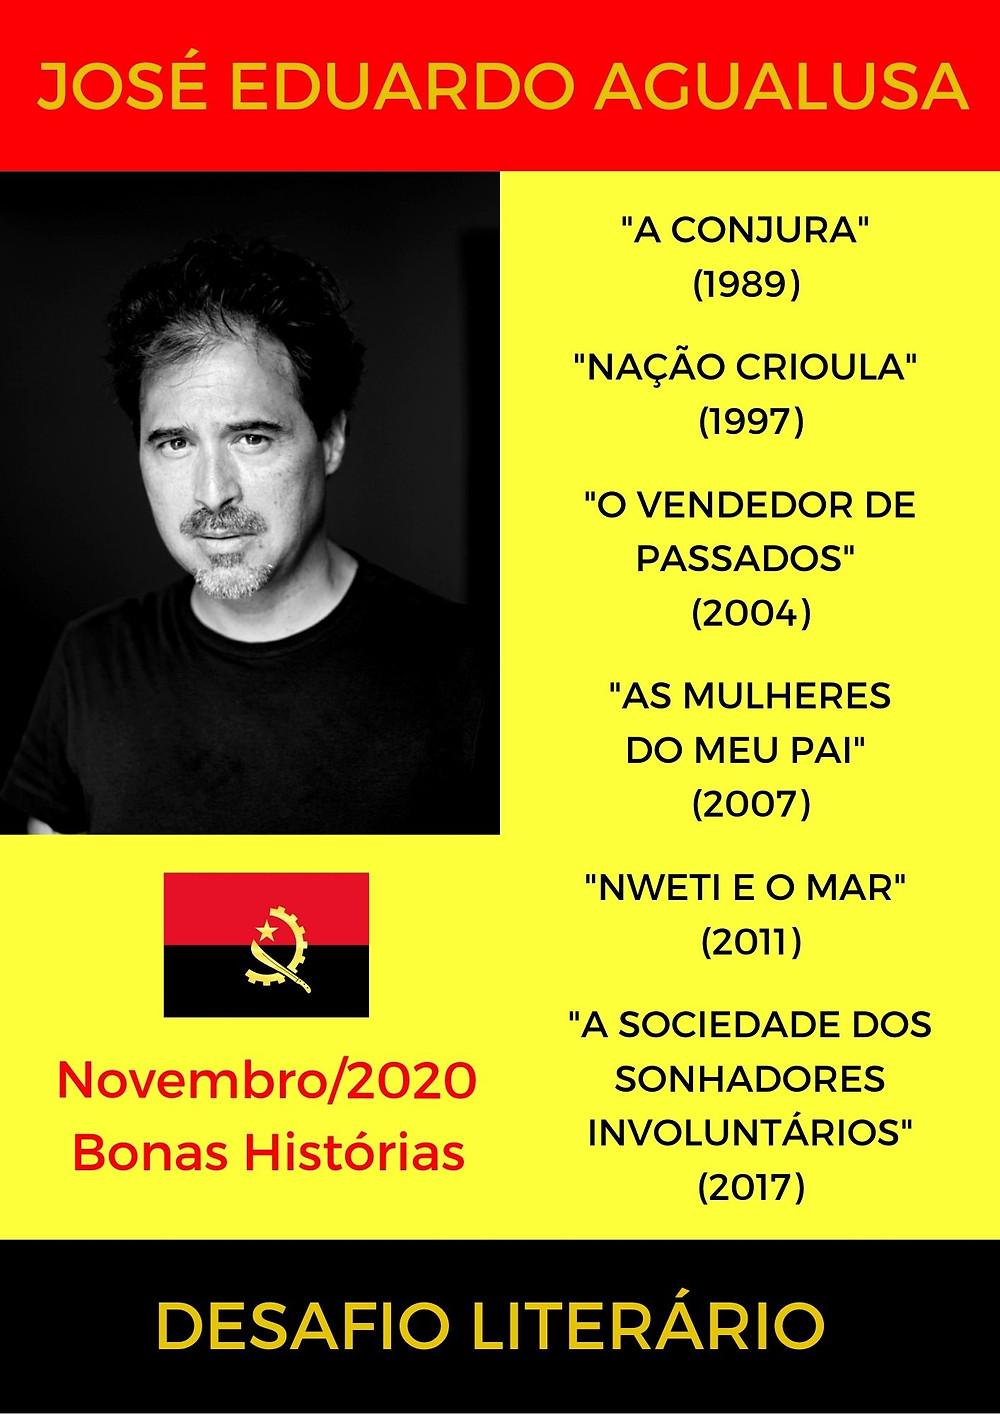 Análise Literária de José Eduardo Agualusa